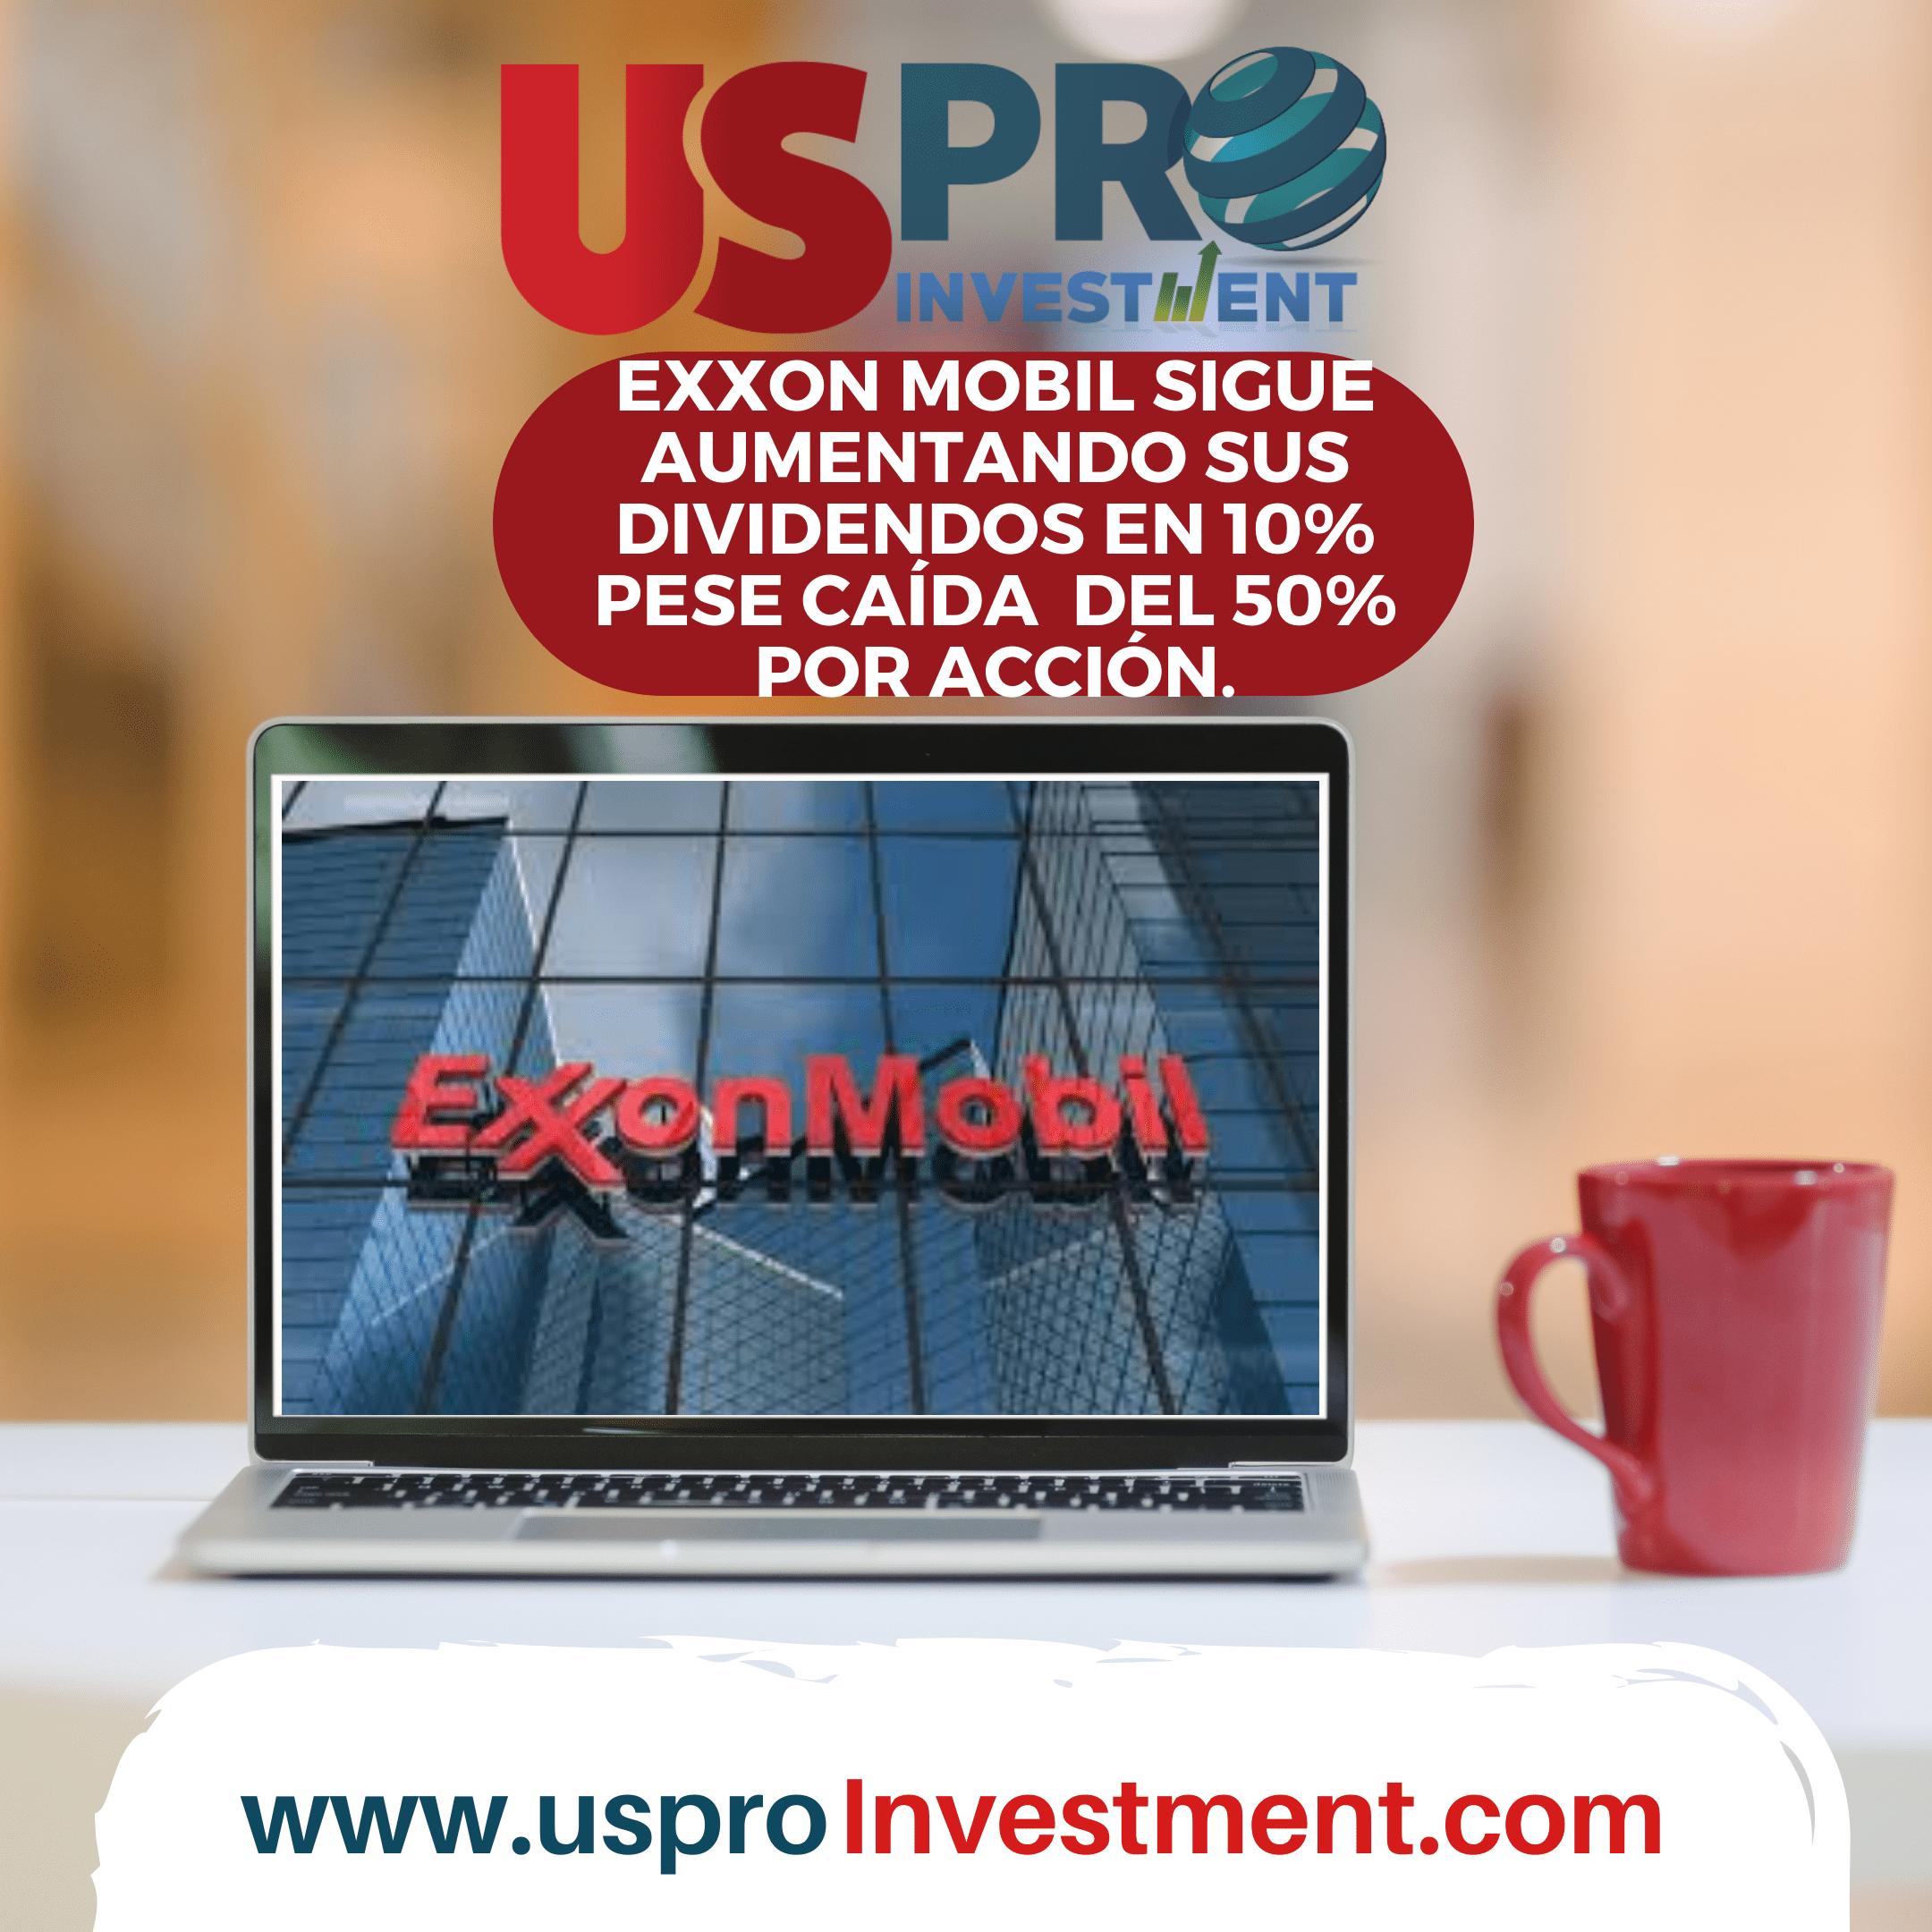 Exxon aumenta dividendos pese a la caída del 50% de su acción